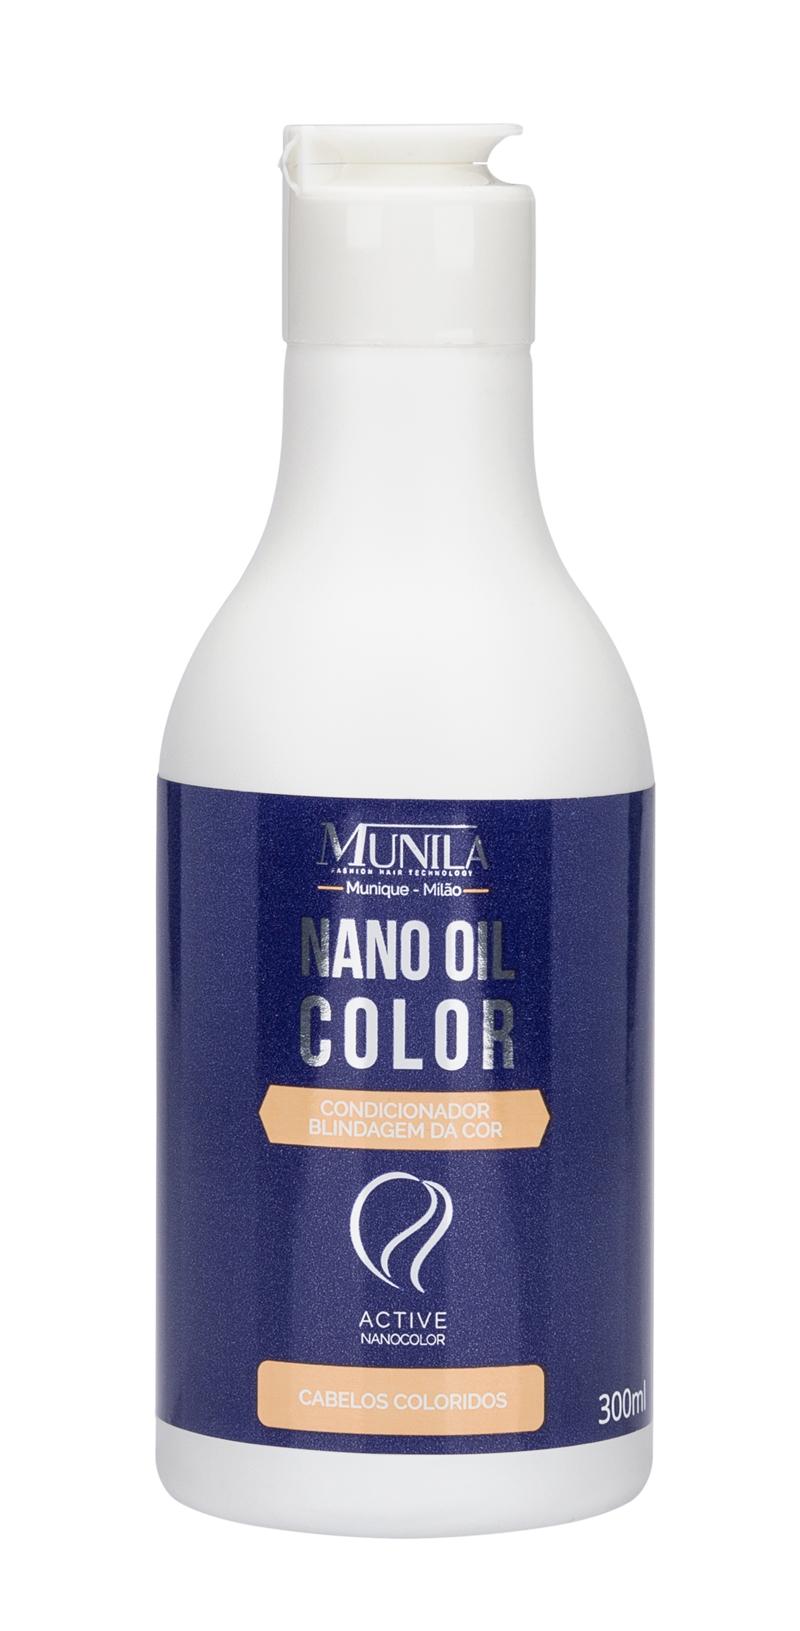 Nano Oil Color Condicionador 300ml